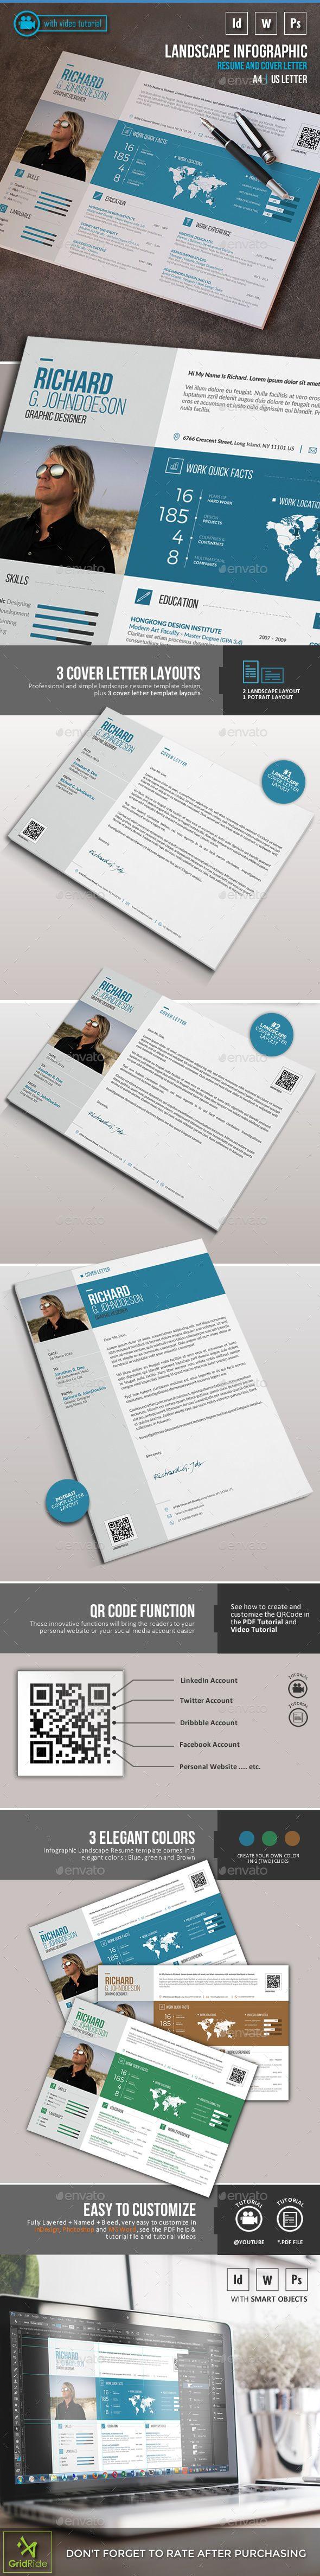 Landscape Infographic Resume | Plantilla cv, Cv creativo y Plantas